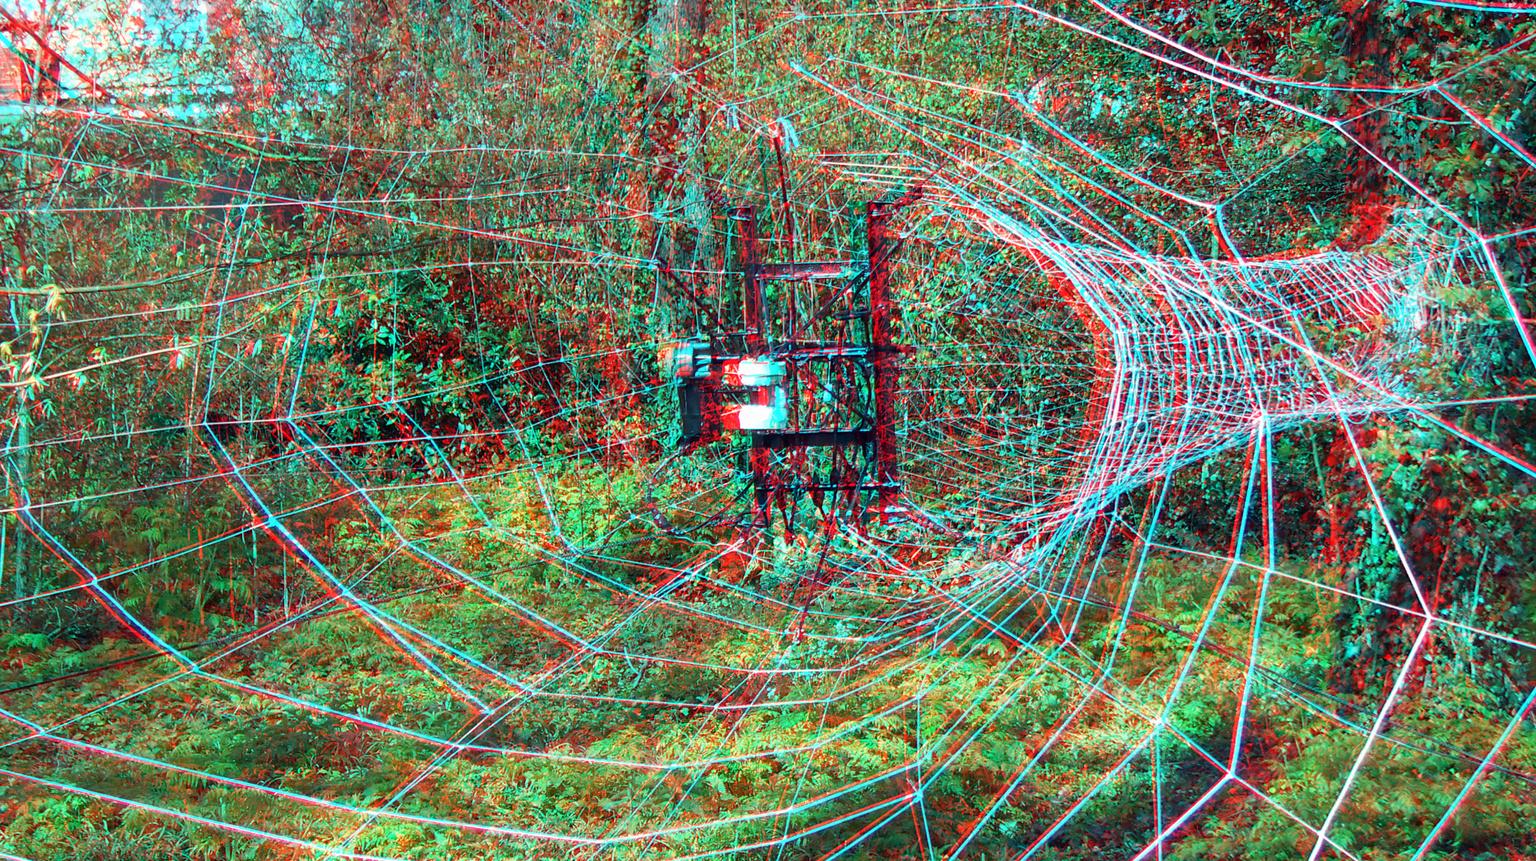 Beelden in Merwesteinpark Dordrecht 3D - 3D anaglyph stereo red/cyan - foto door hoppenbrouwers op 14-04-2021 - locatie: Dordrecht, Nederland - deze foto bevat: 3d,stereo,kunst, dordrecht, anaglyph, jelle, merwesteinpark, 3d, kunst, art, organisme, lettertype, cirkel, patroon, symmetrie, elektrisch blauw, parallel, helling, rechthoek, beeldende kunsten